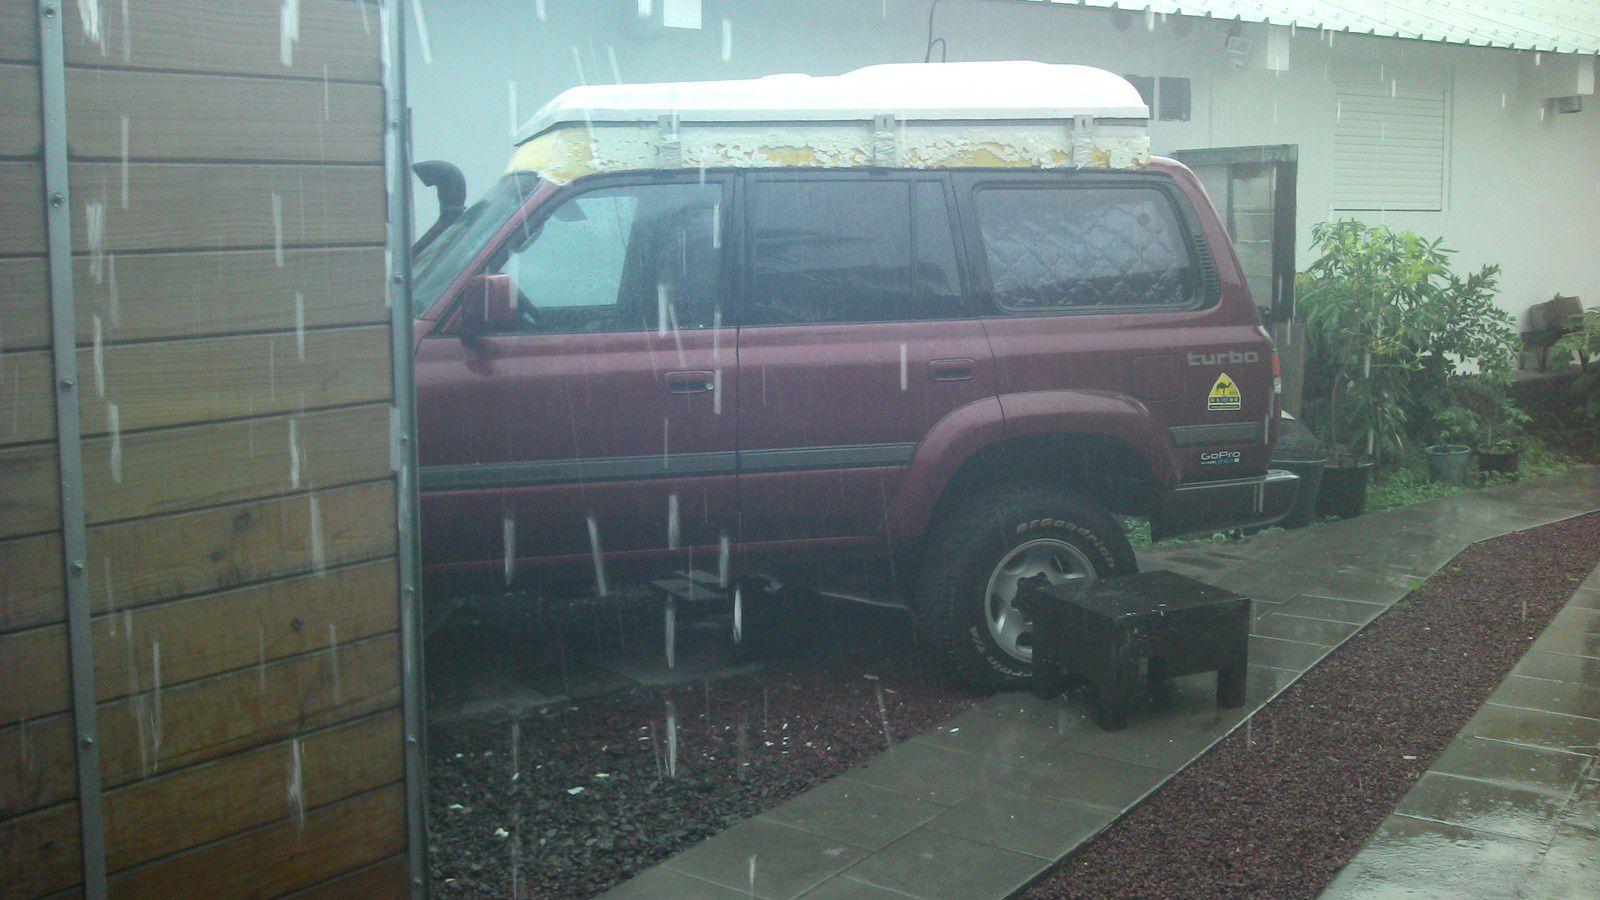 la pluie interrompt parfois les travaux...